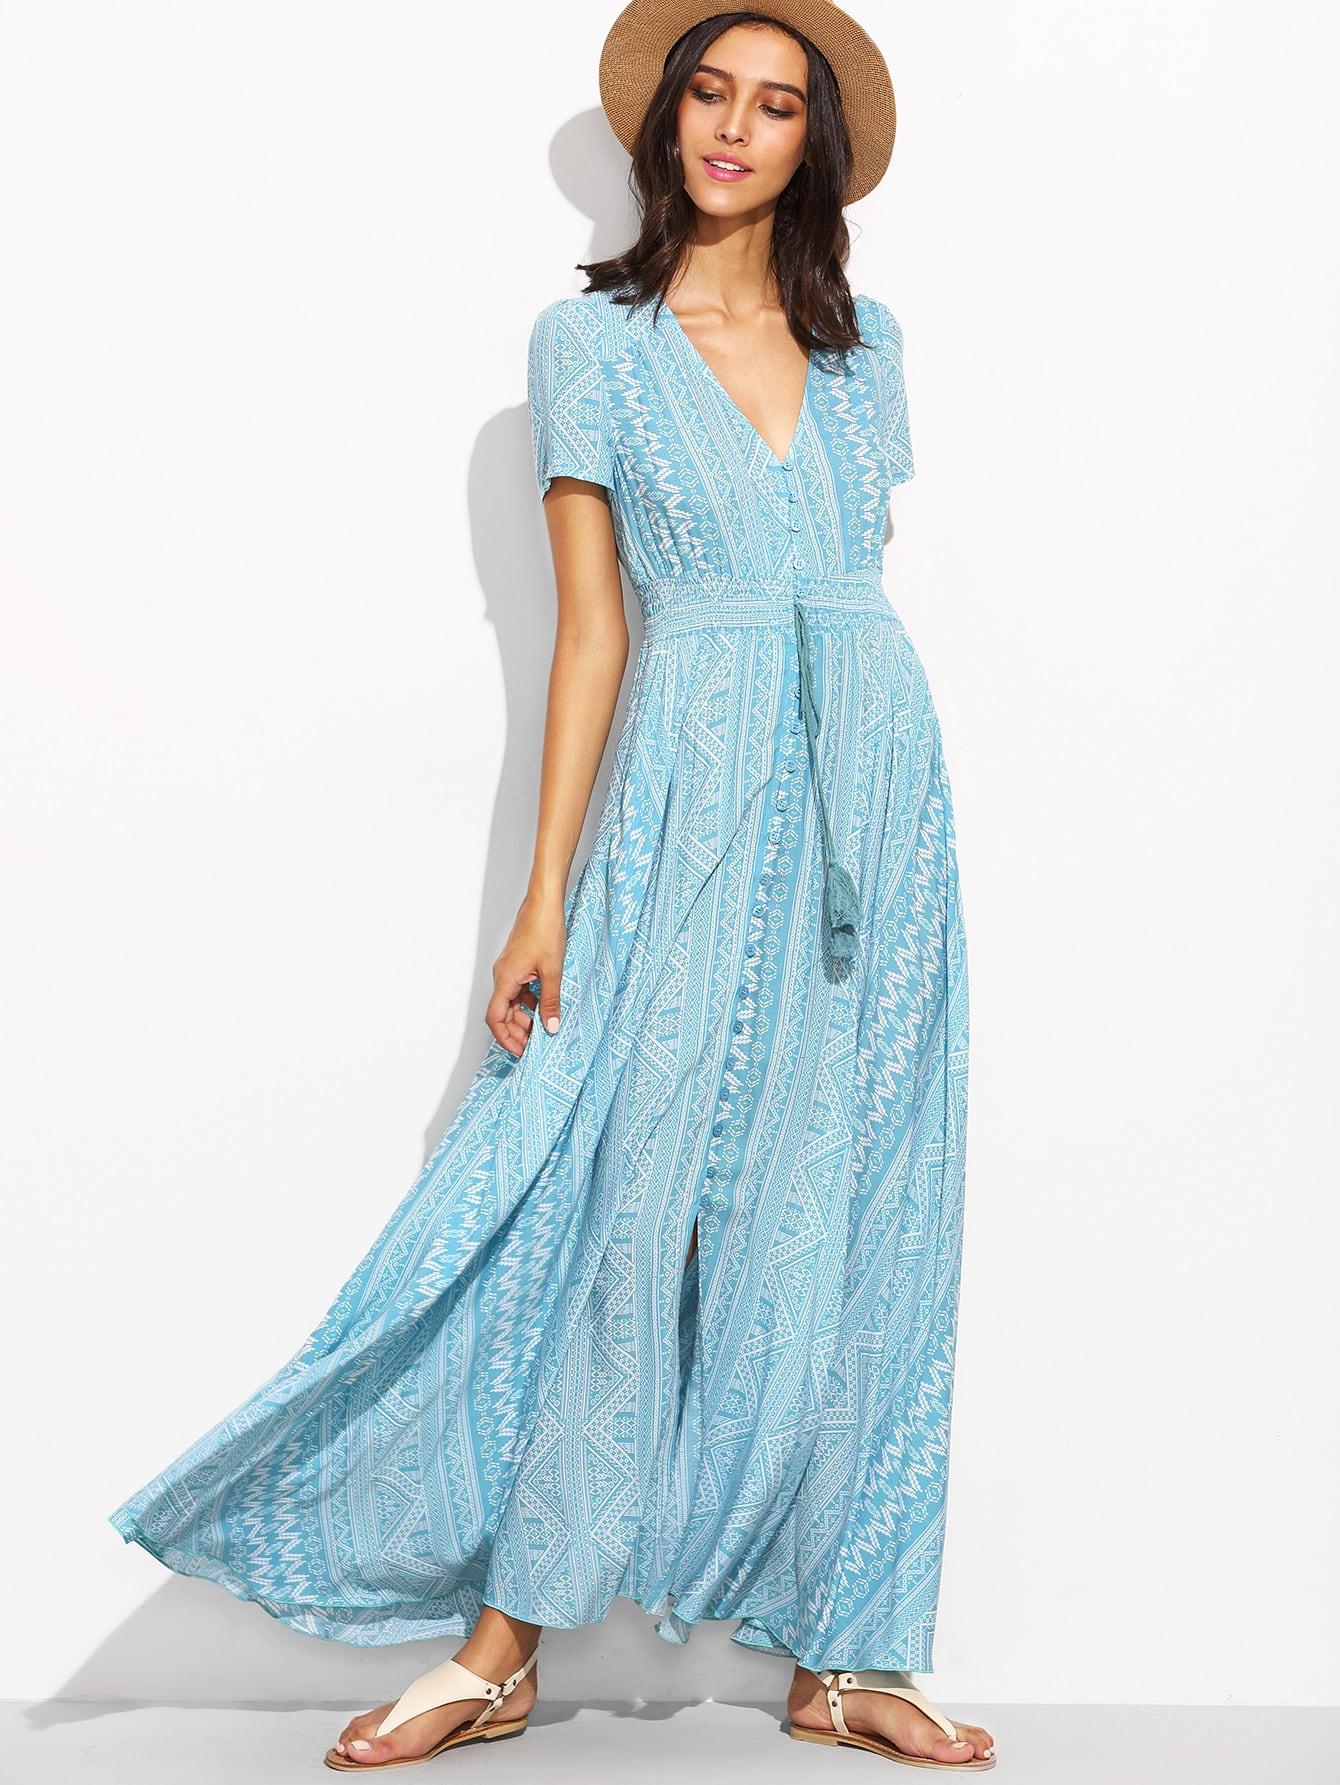 dress160809754_2